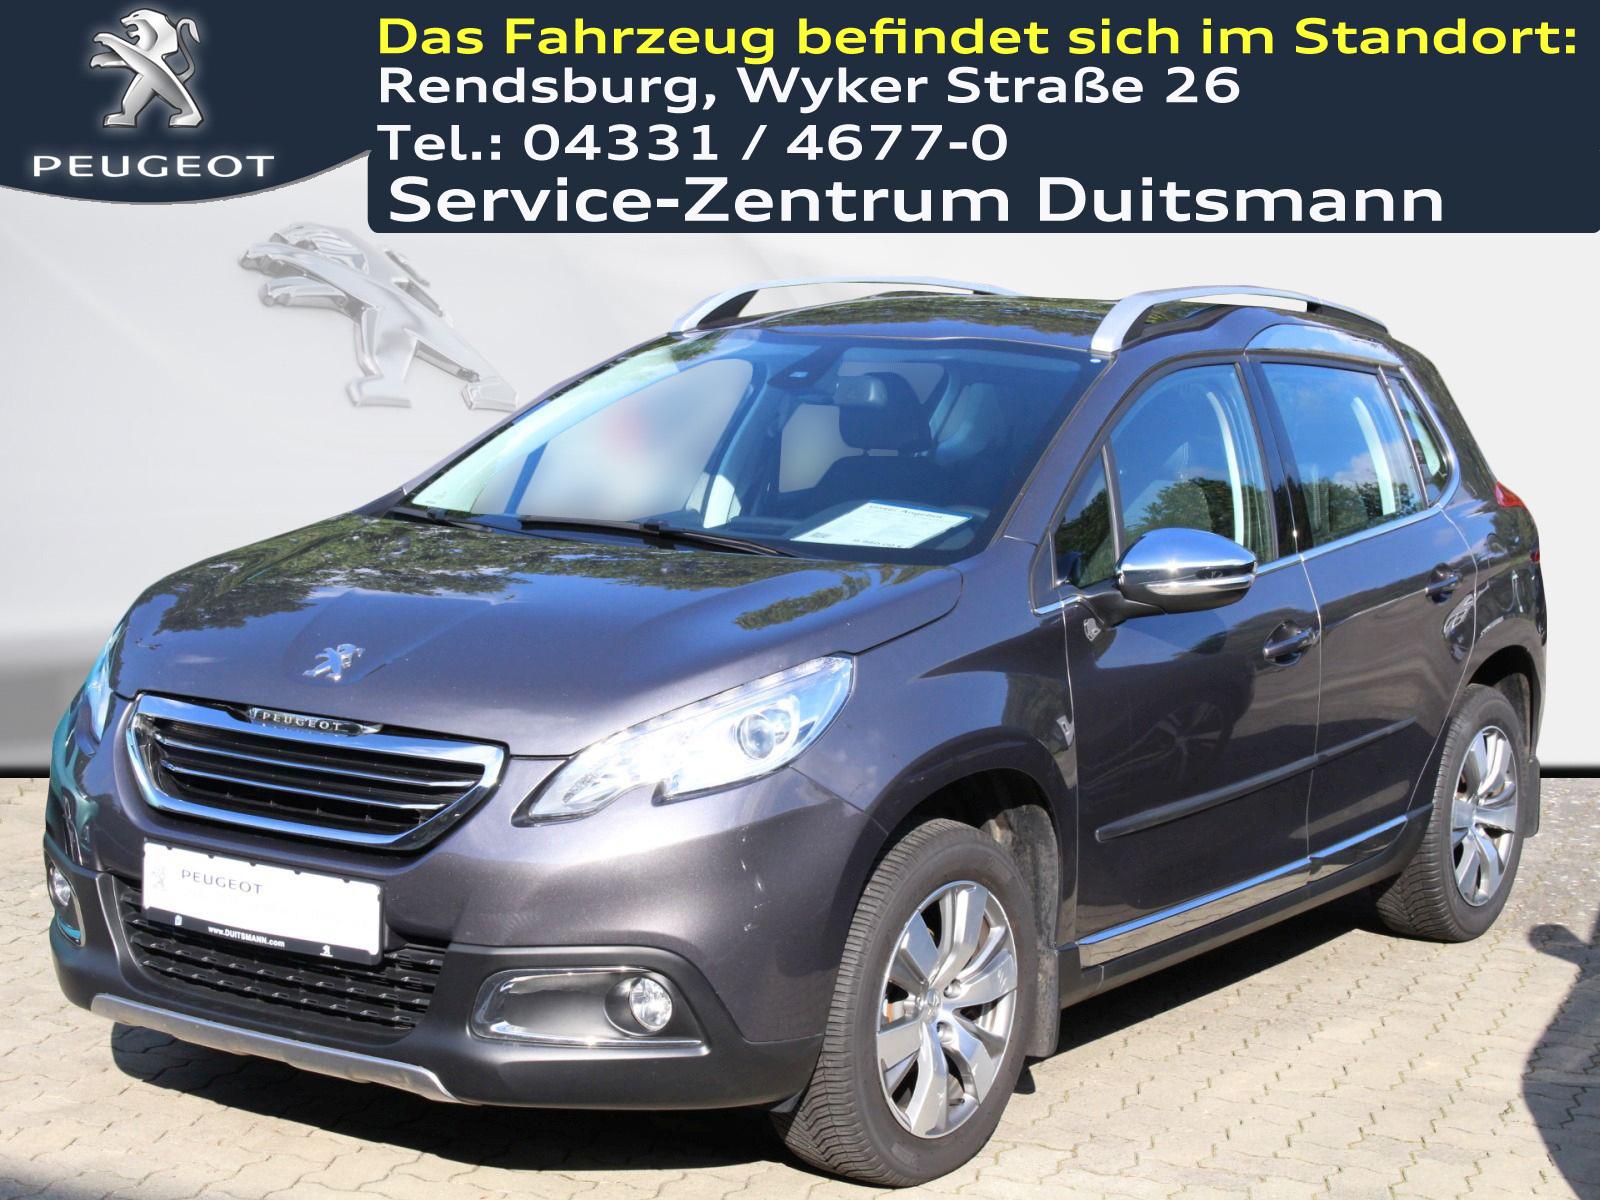 Peugeot 2008 e-HDi FAP 92 EGS6 S&S Allure ++AHK+Ganzjahresreifen++, Jahr 2014, Diesel